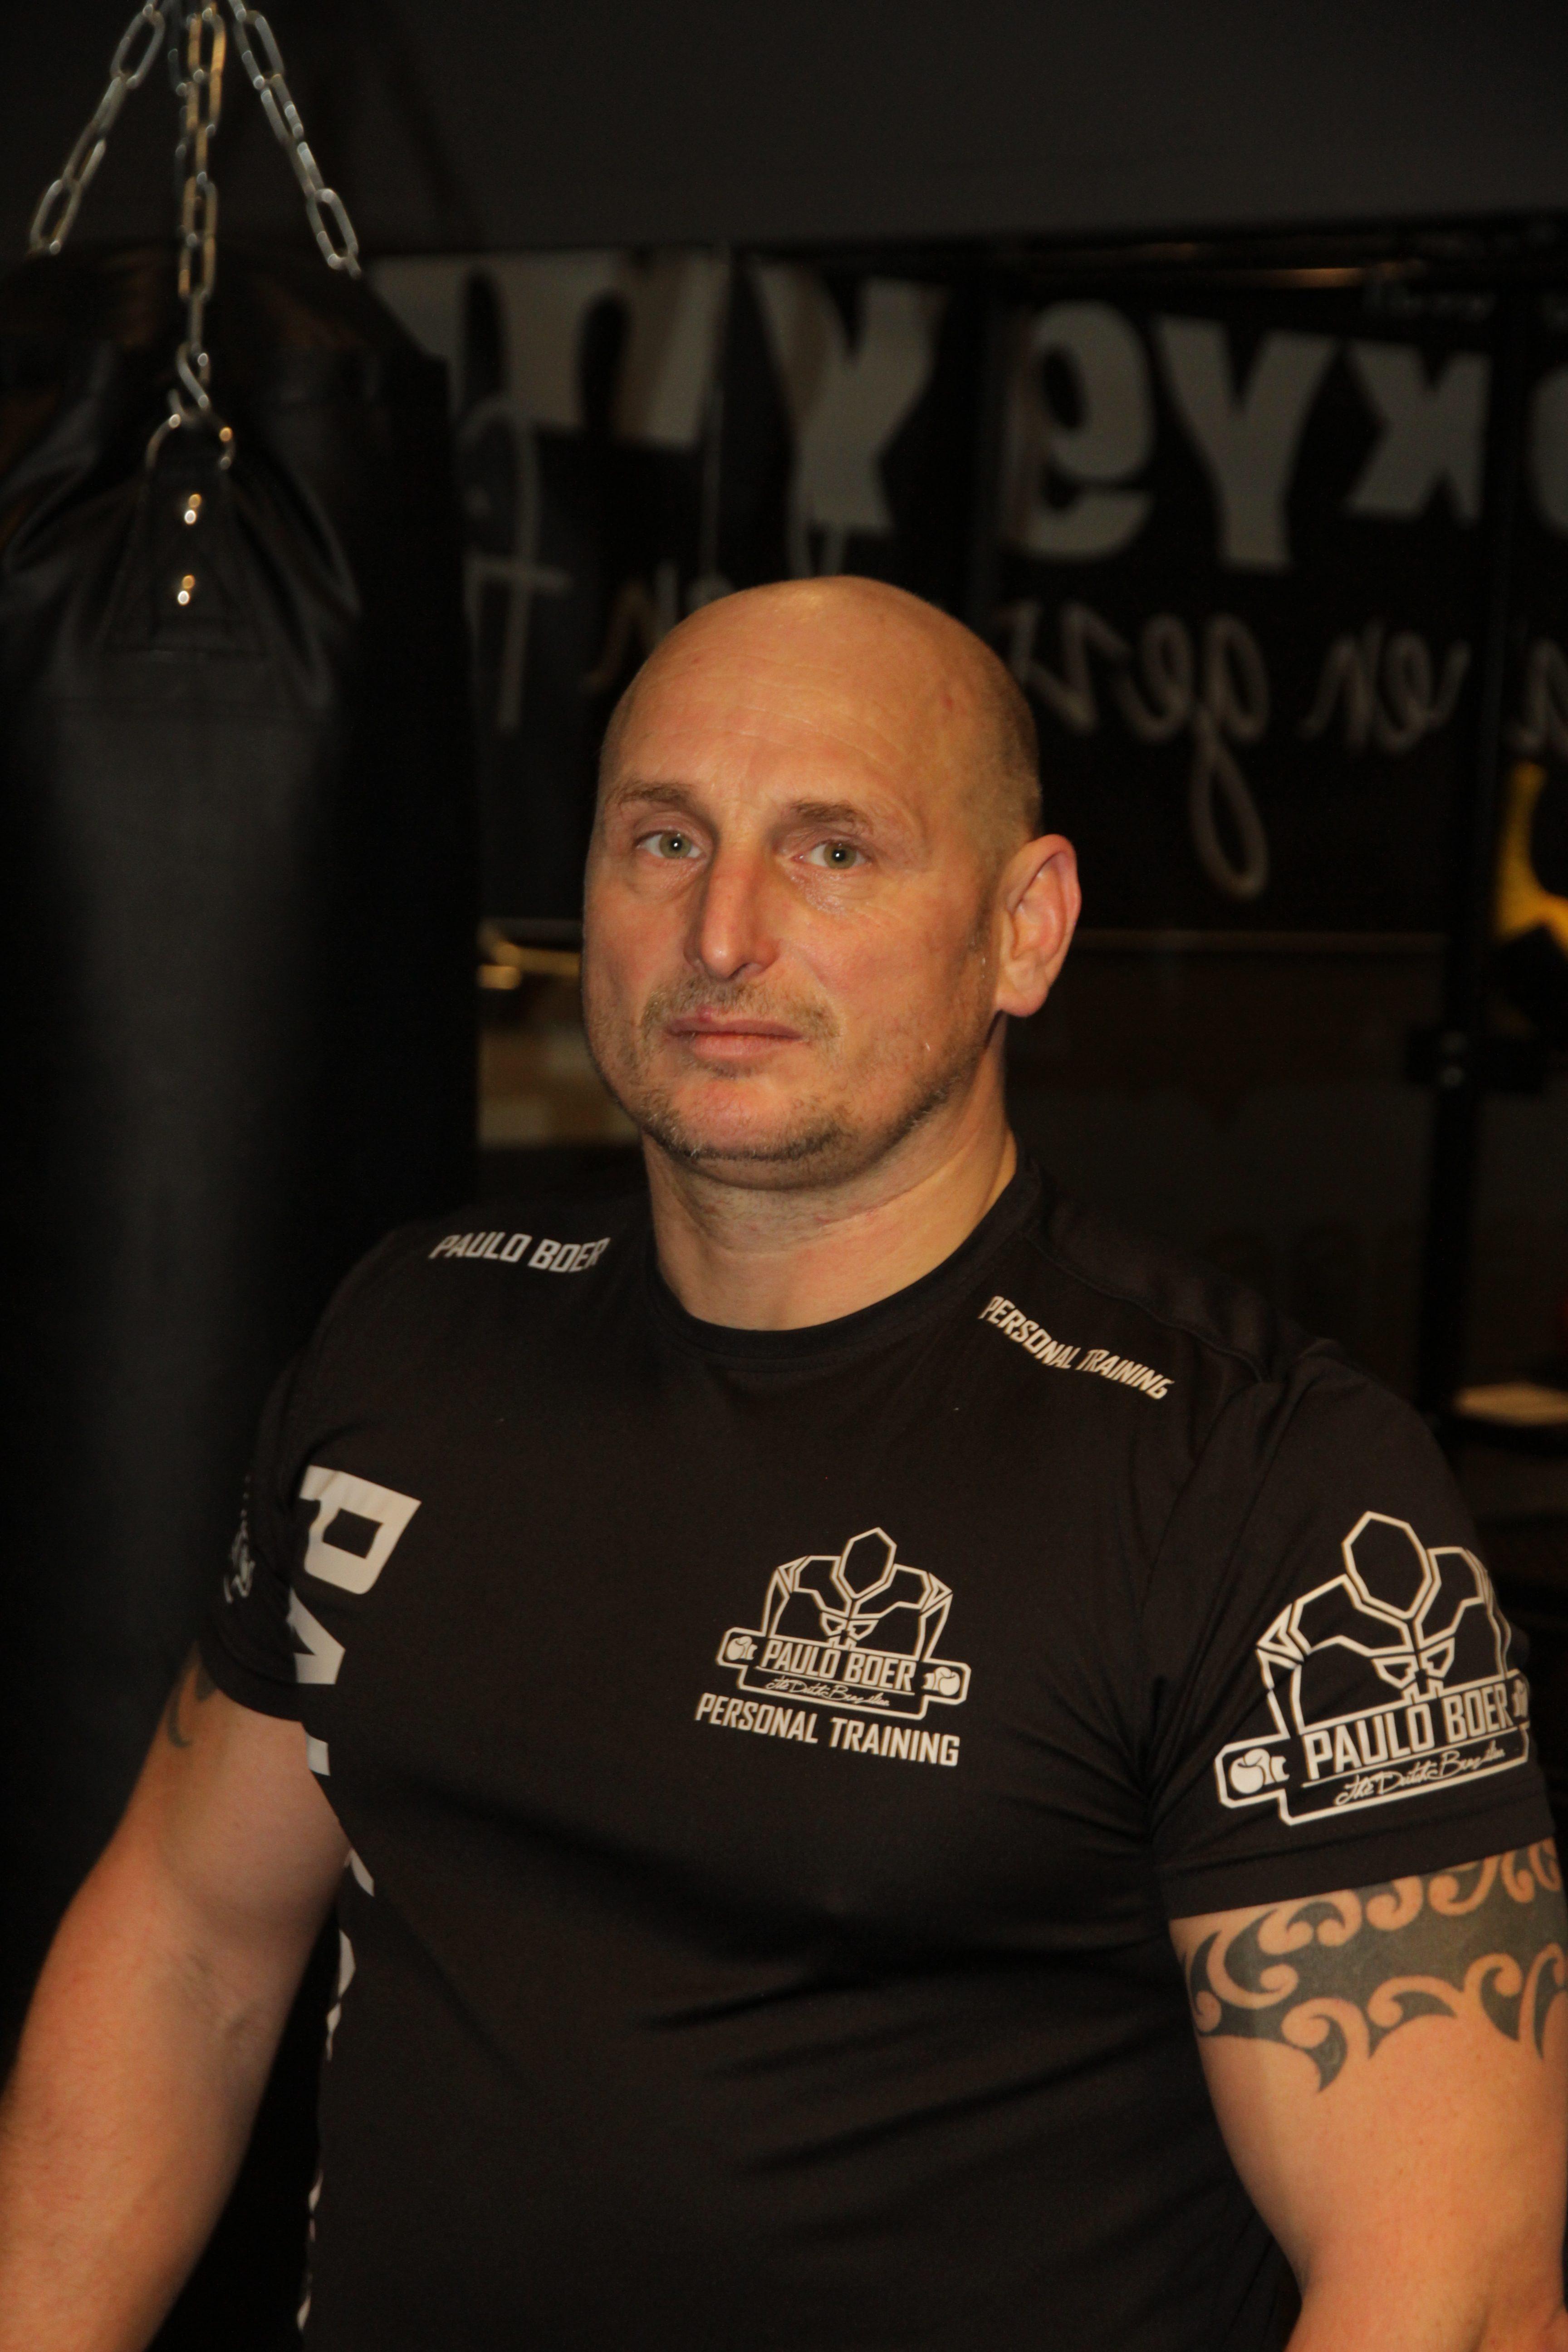 Personal Trainer Frans Udink